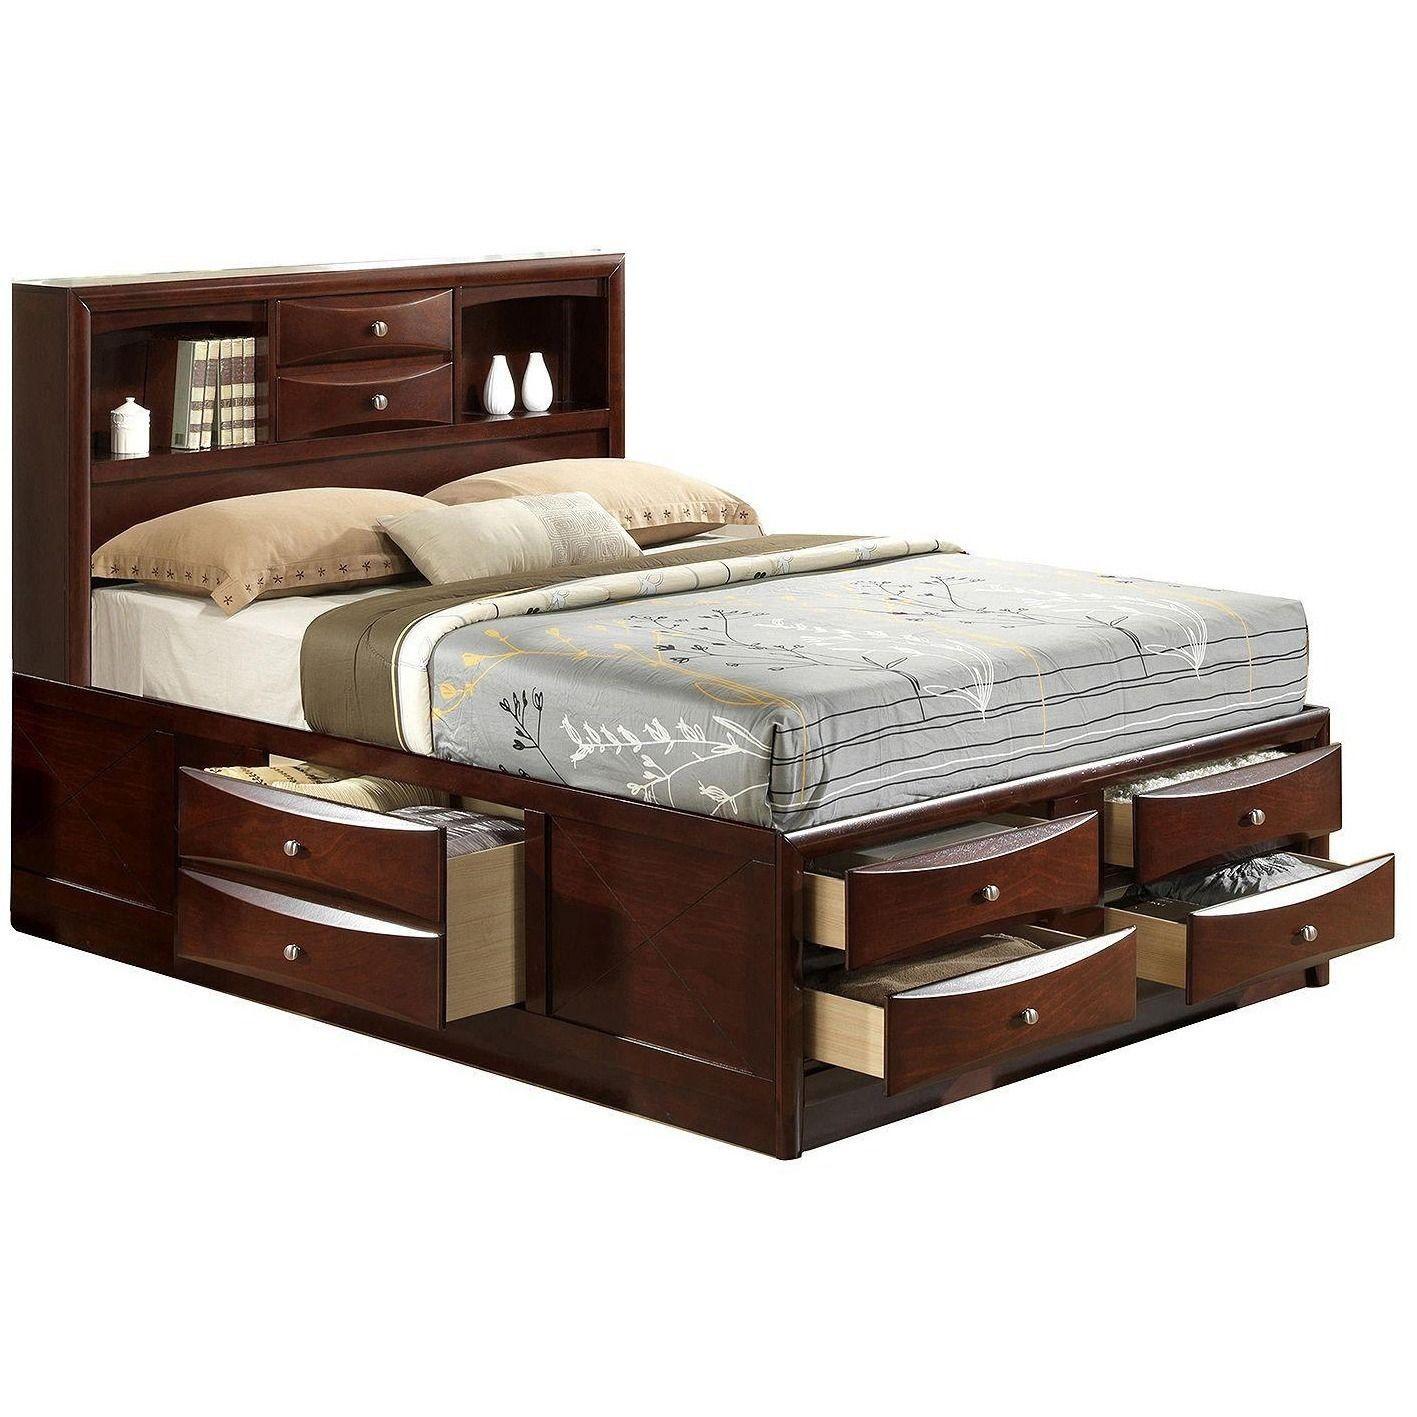 Ridgemont Platform bed Storage bed, Usa furniture, King